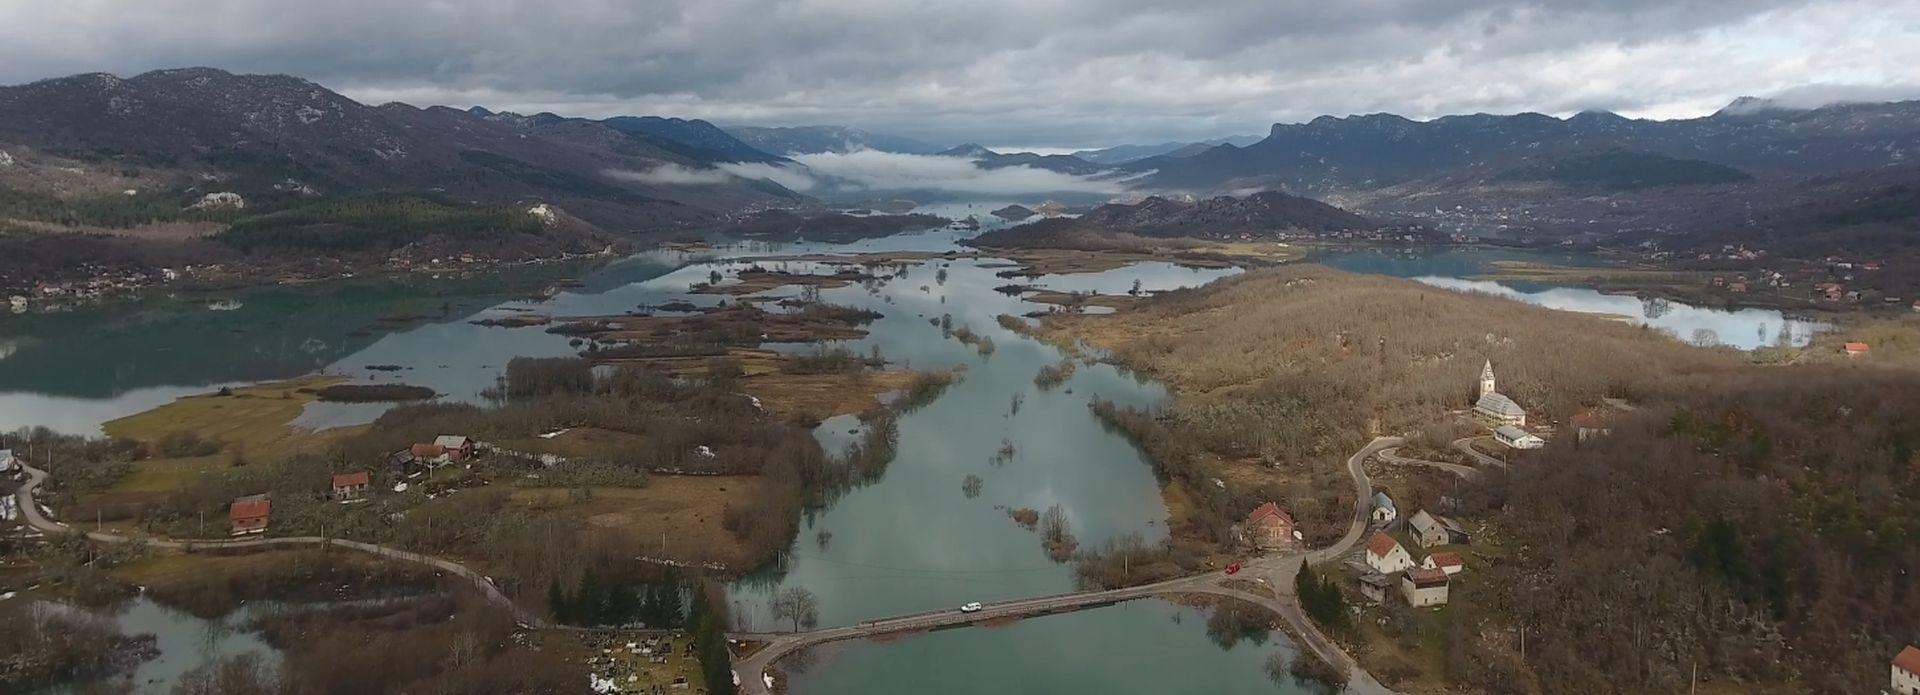 Sjednica Stožera Civilne zaštite u Kosinjskoj dolini